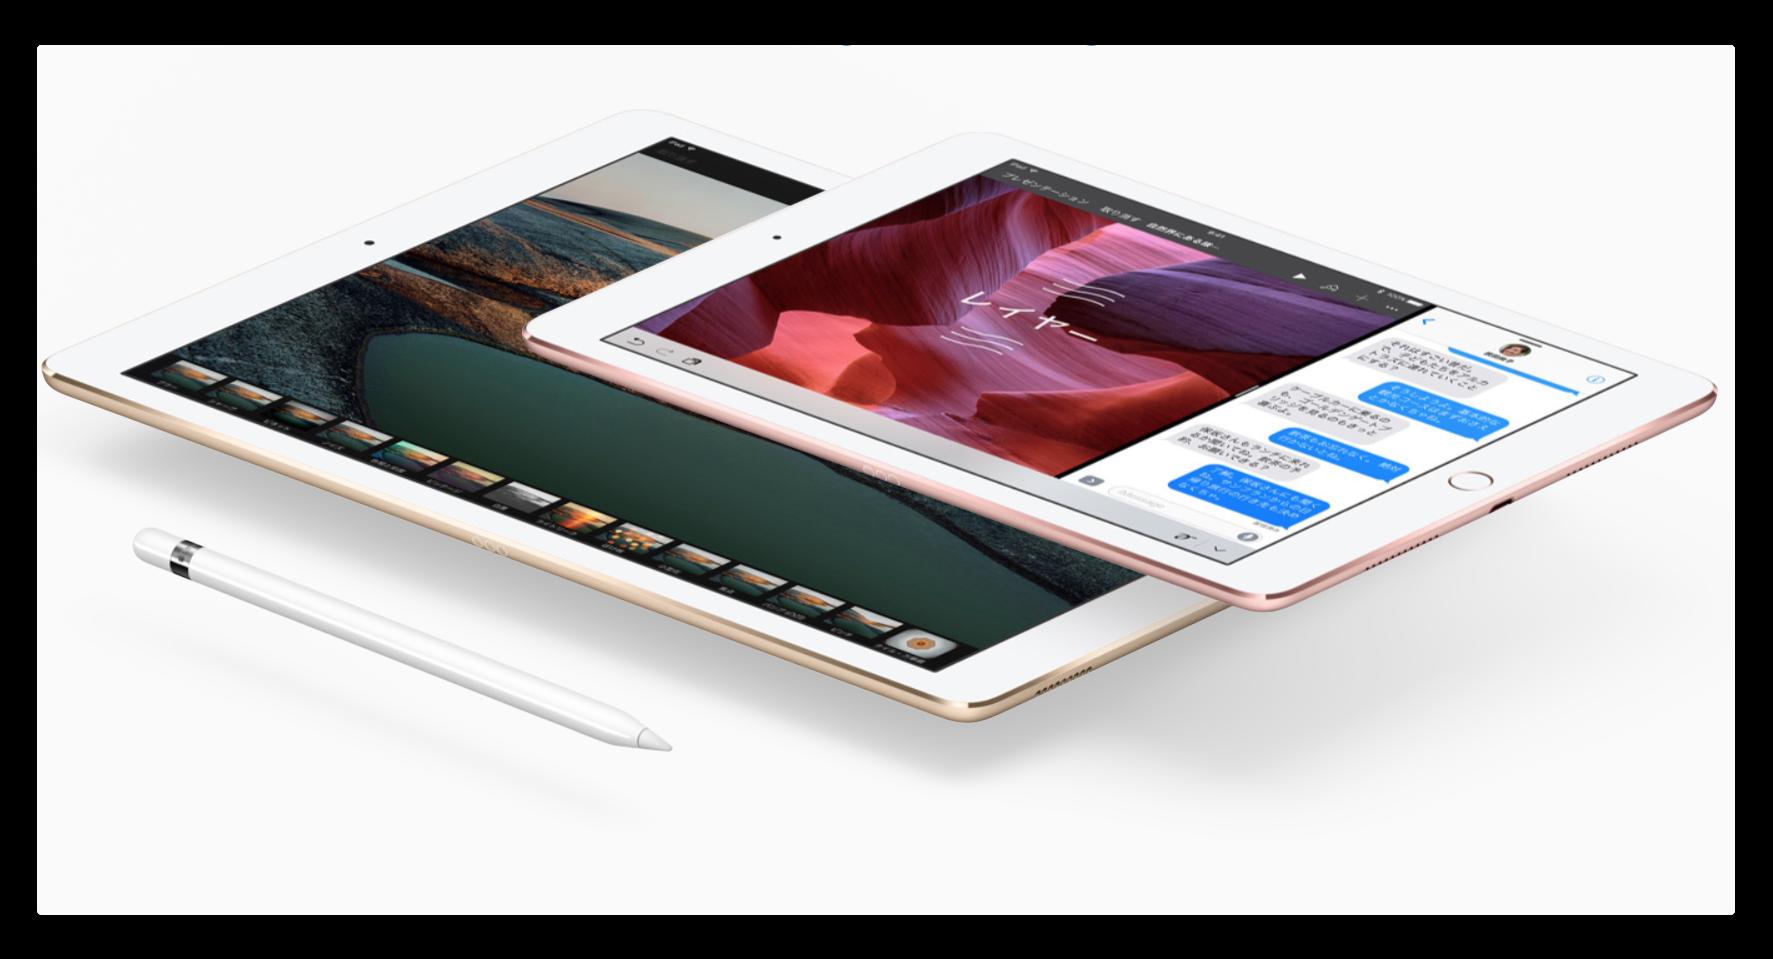 来年のiOS 13アップデートは、iPadに特化した機能が主体になる可能性